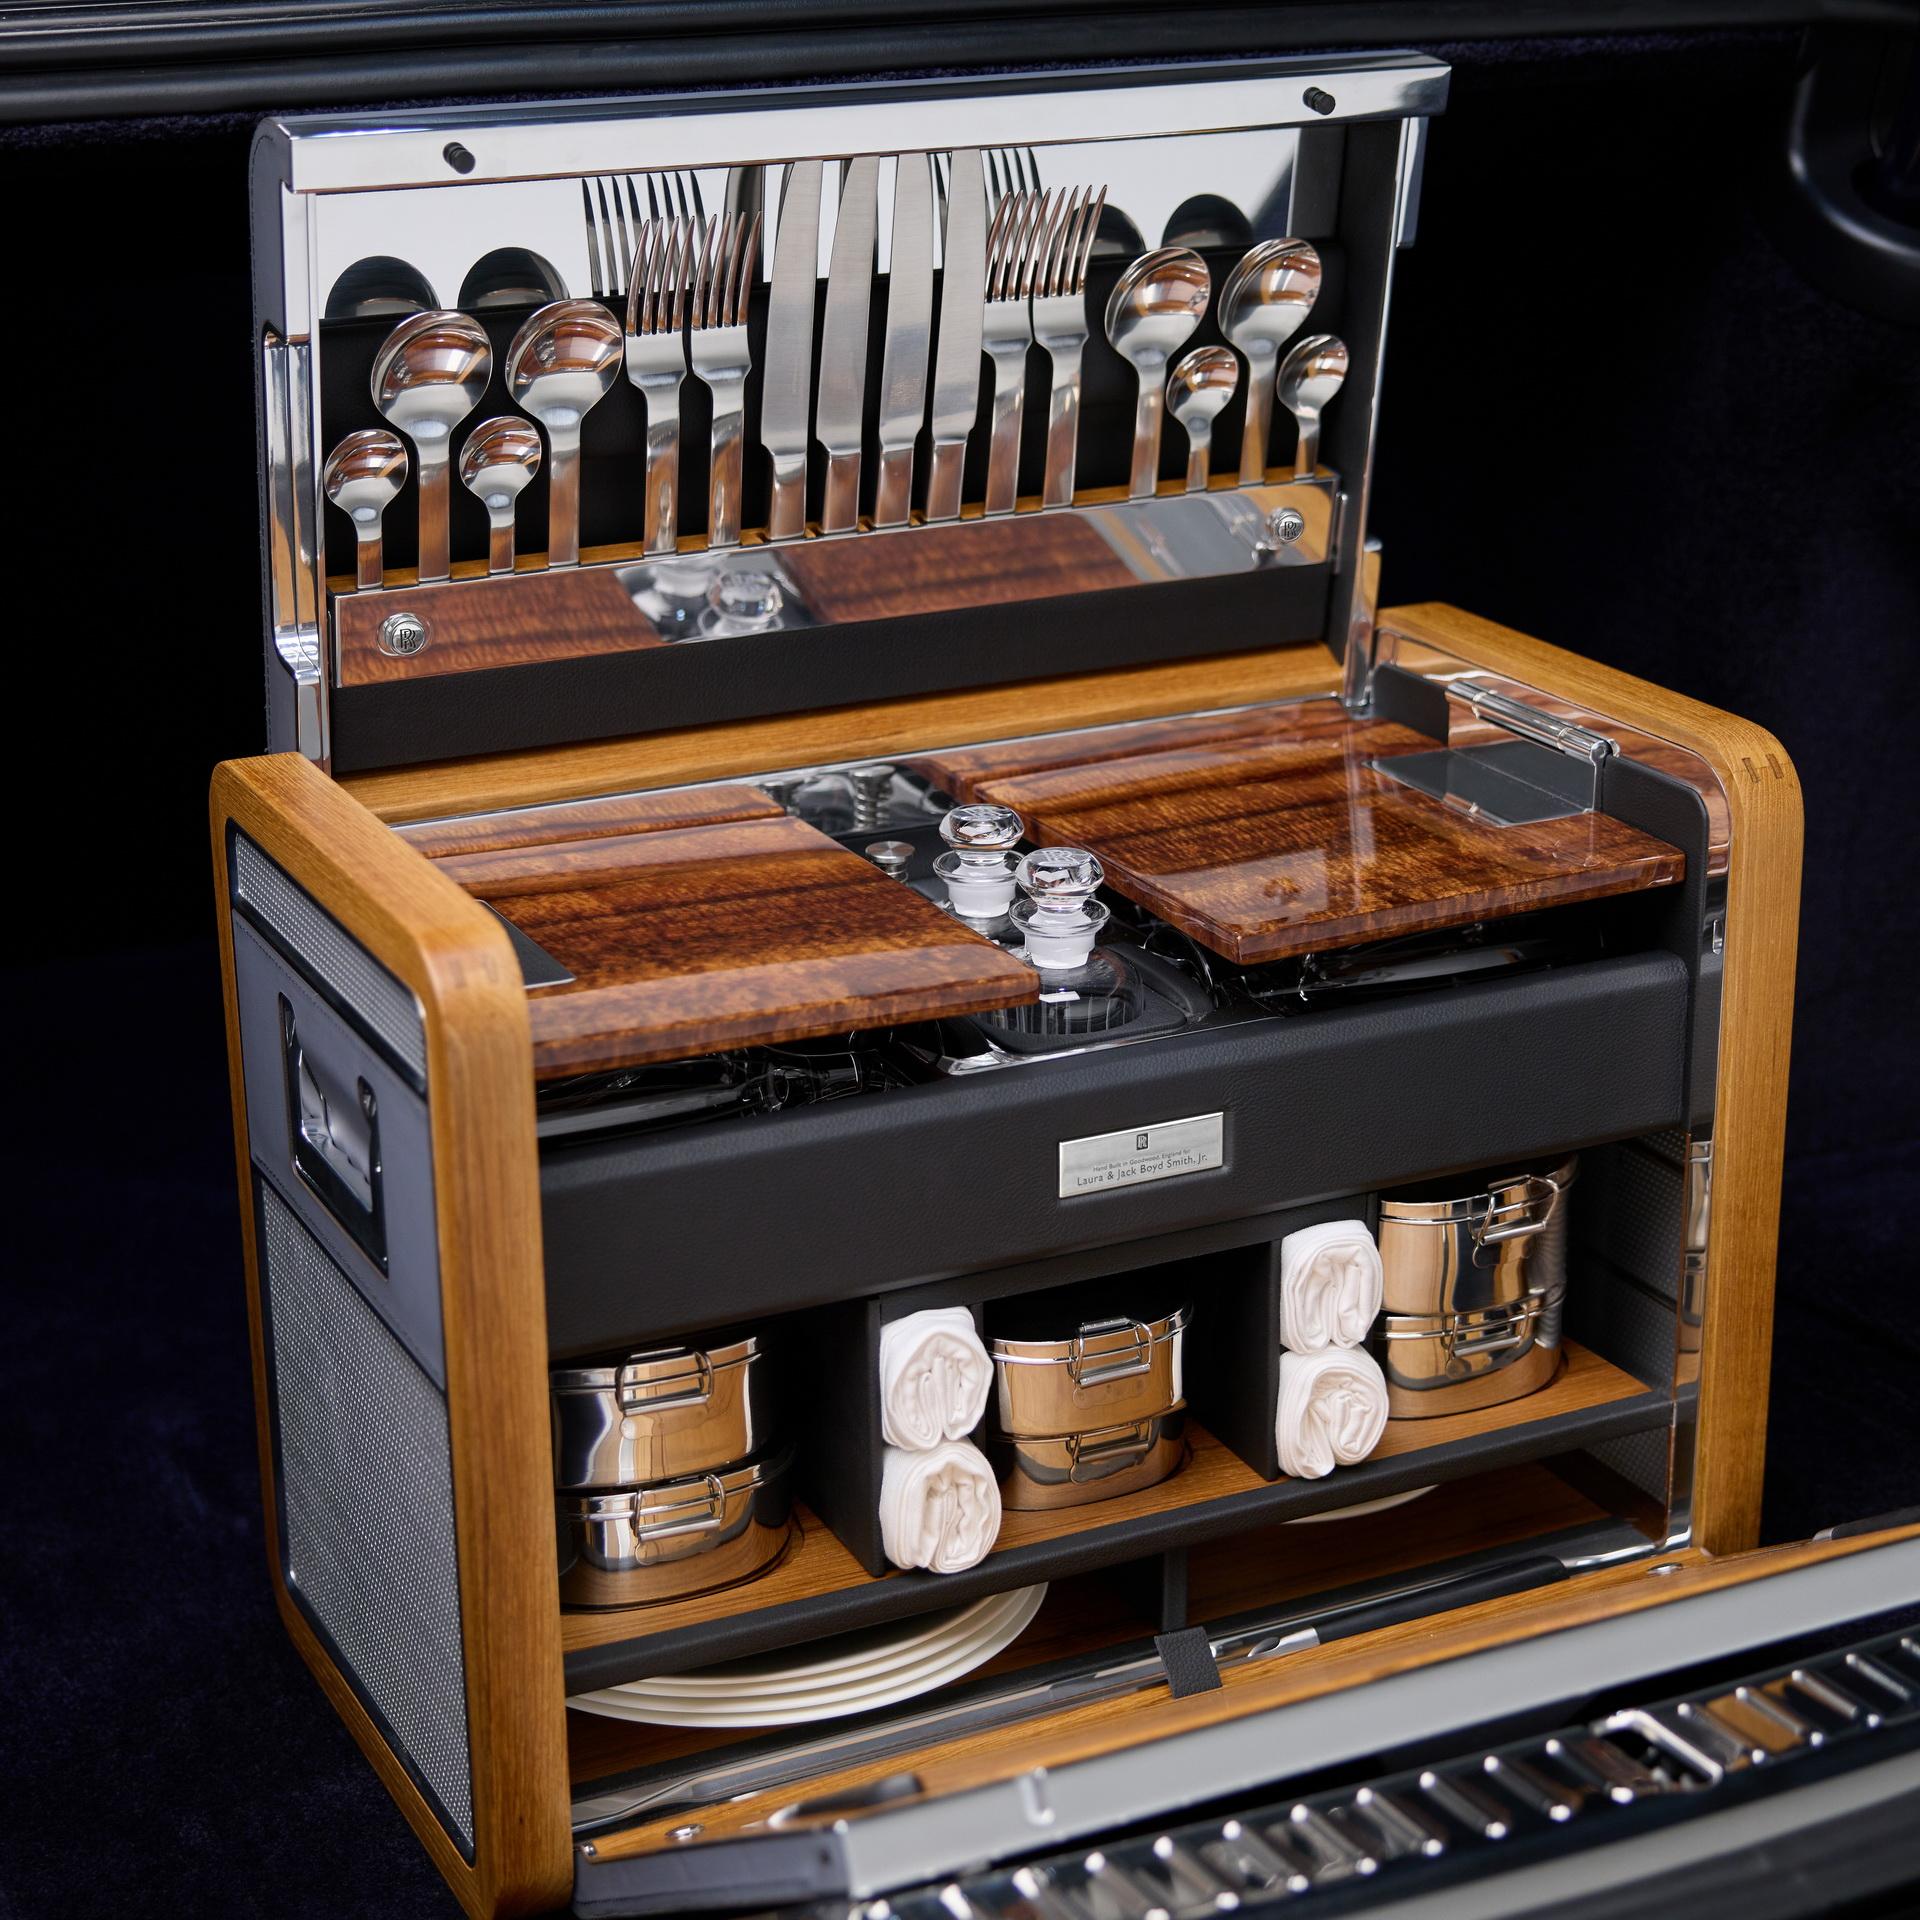 Rolls-Royce Koa Phantom 2021: Mất 3 năm để sản xuất với loại gỗ cực hiếm 2021-rolls-royce-koa-phantom-9.jpg